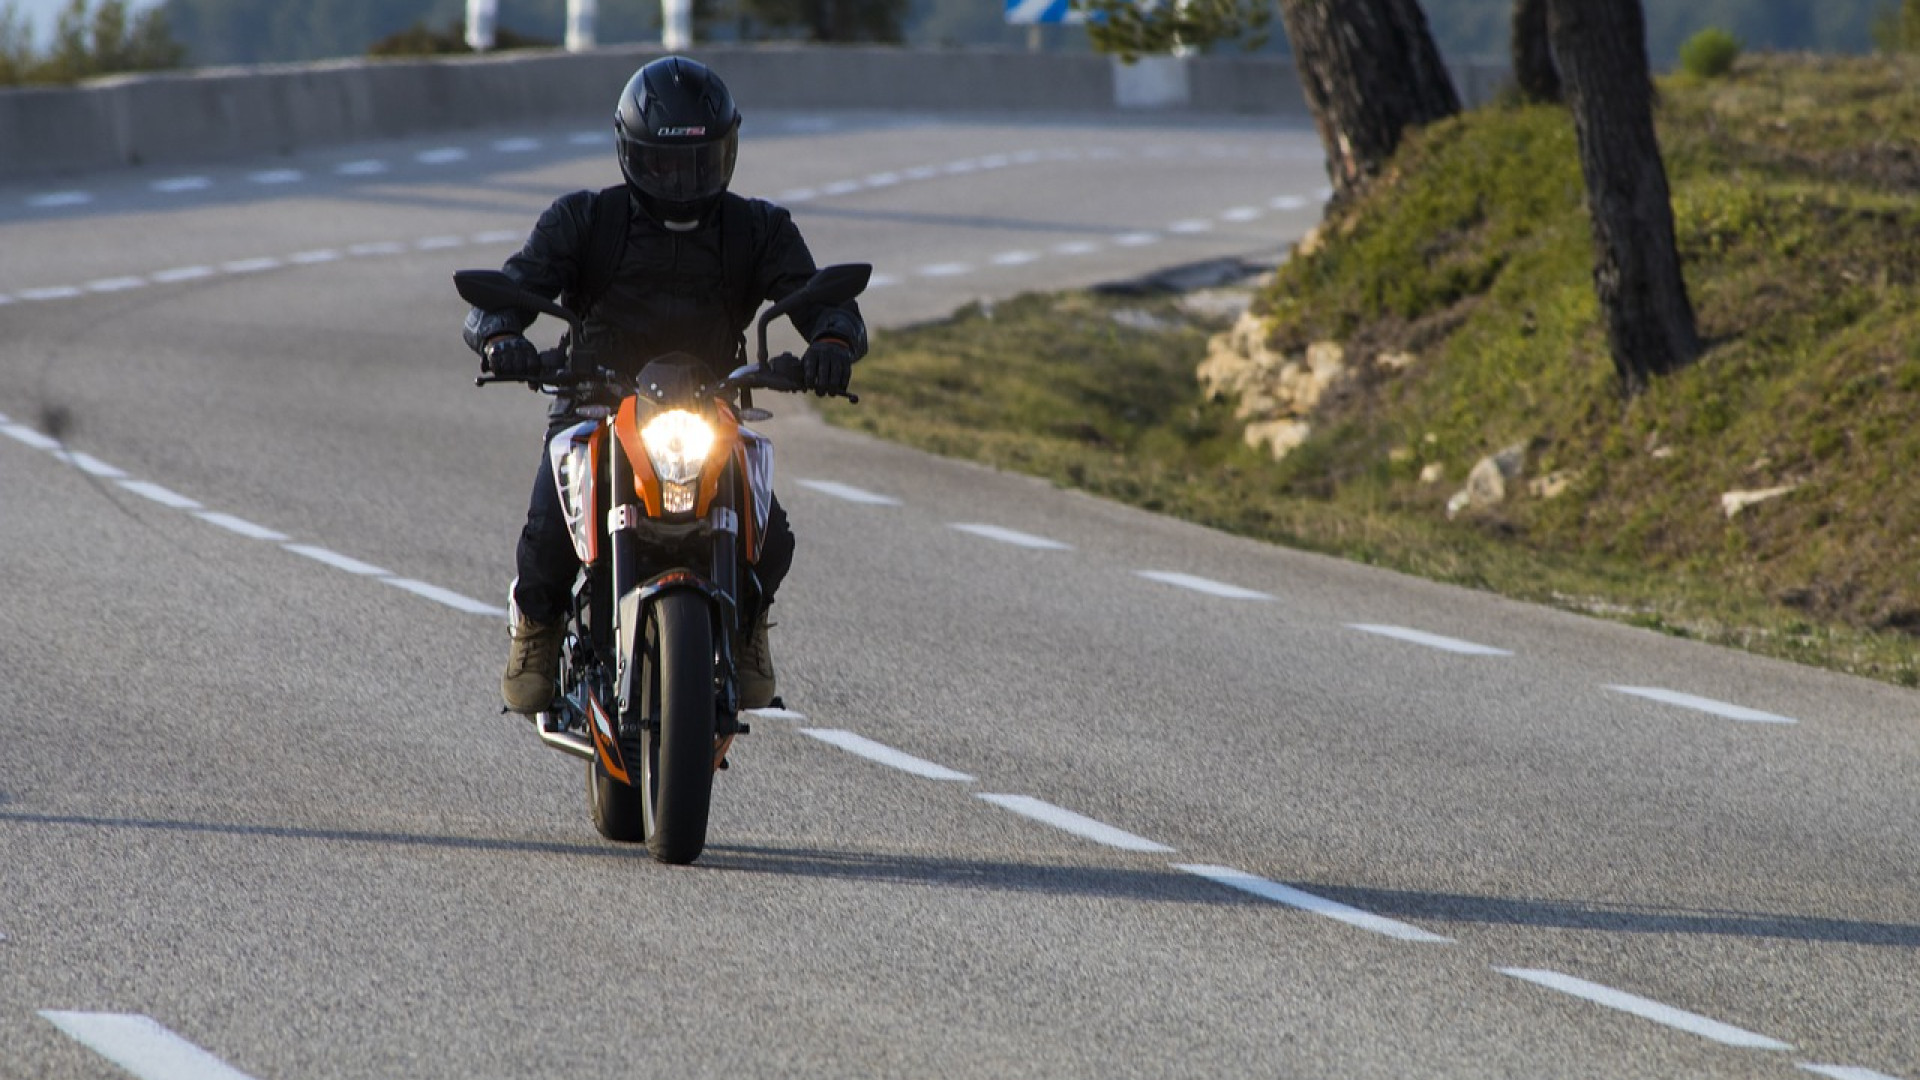 Comment bien choisir votre blouson de moto ?